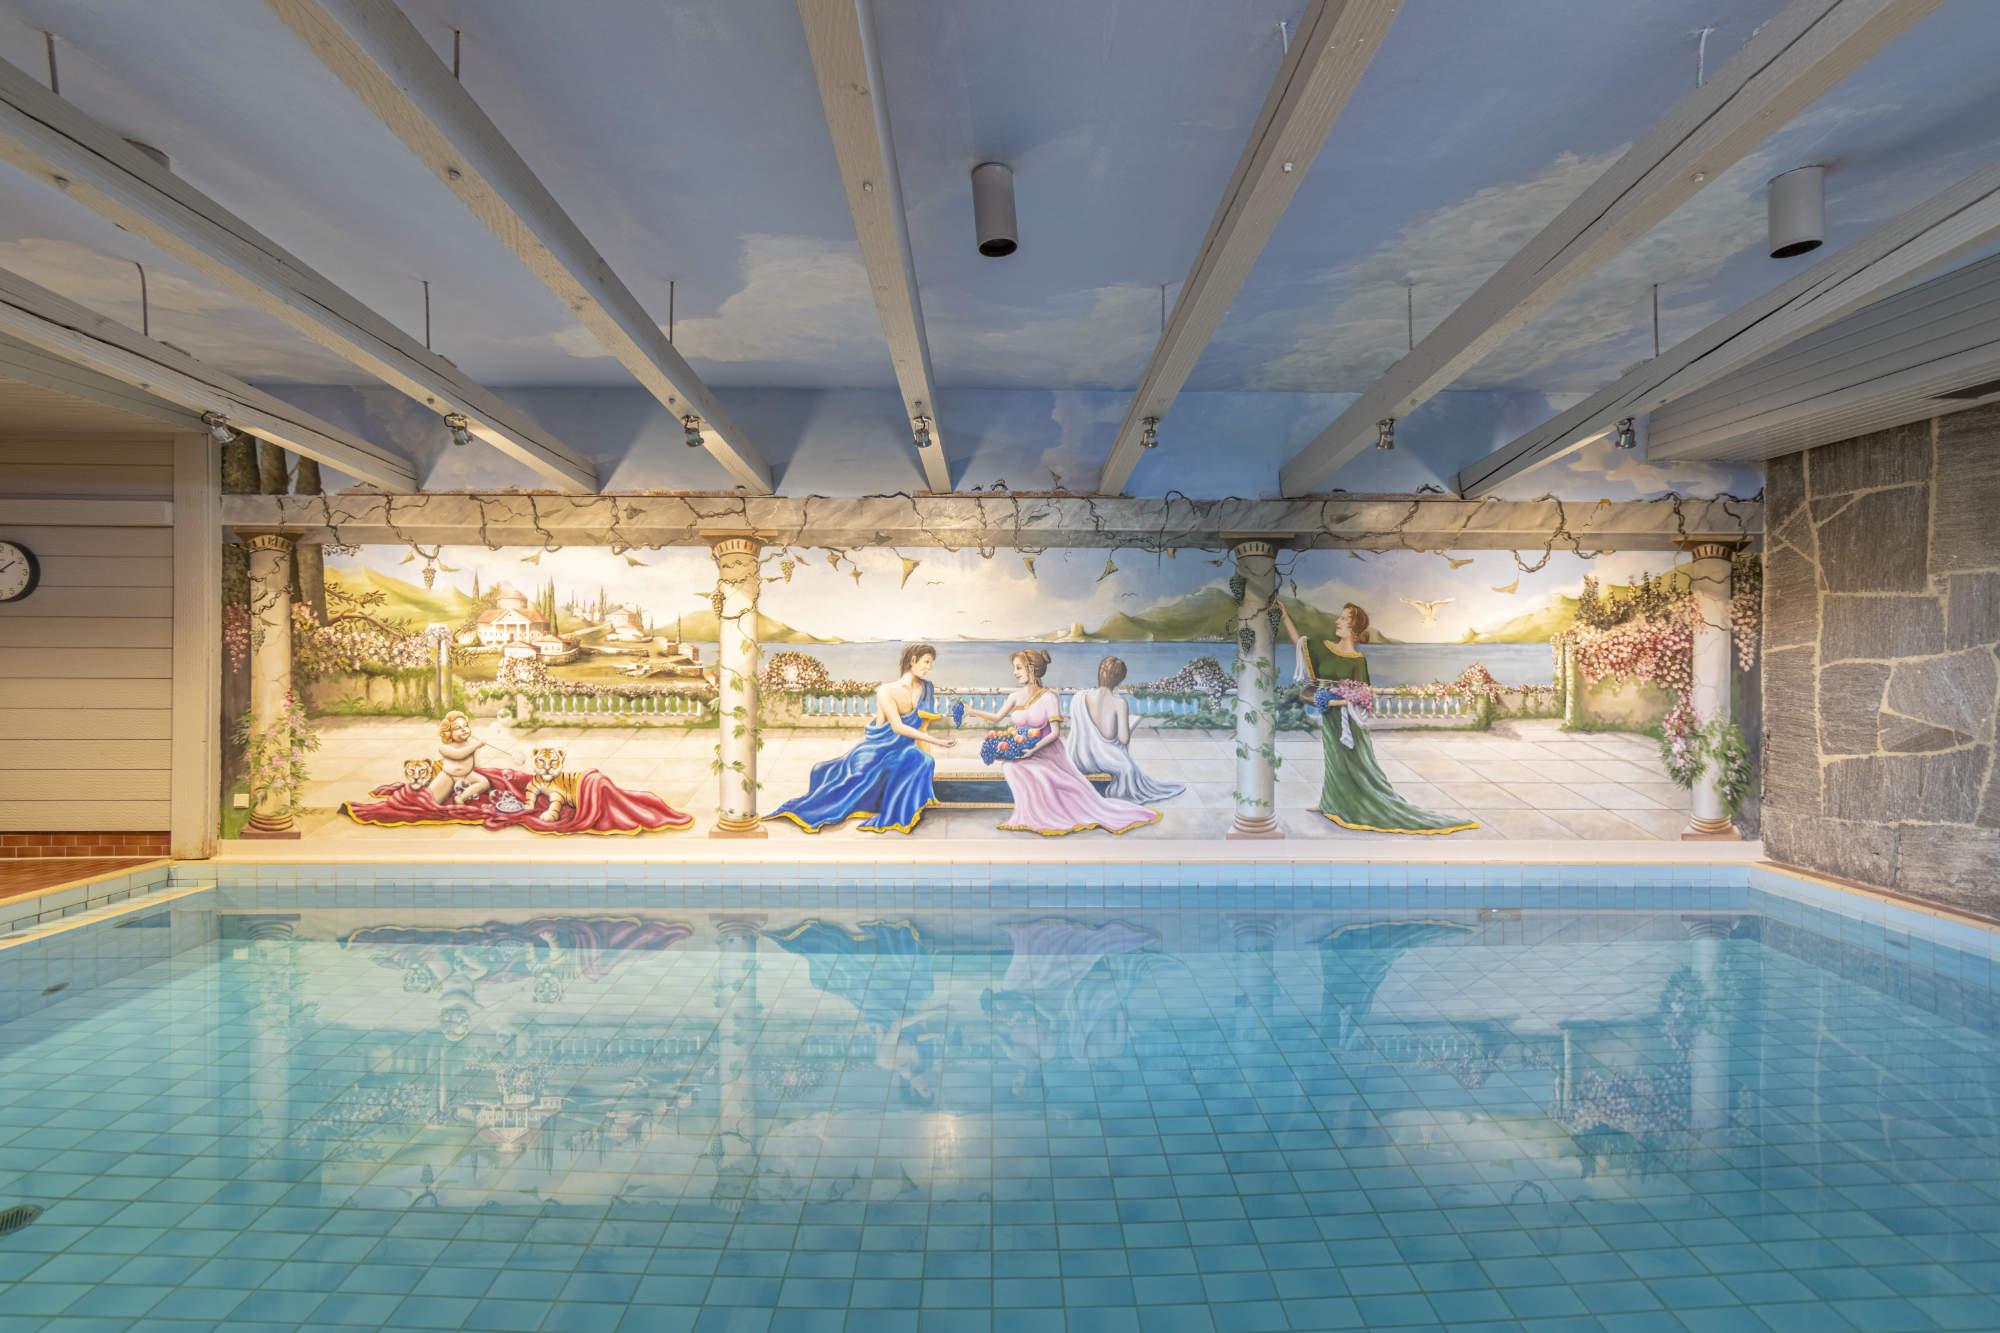 Hotel am Schlosspark zum Kurfürst Swimming pool and sauna